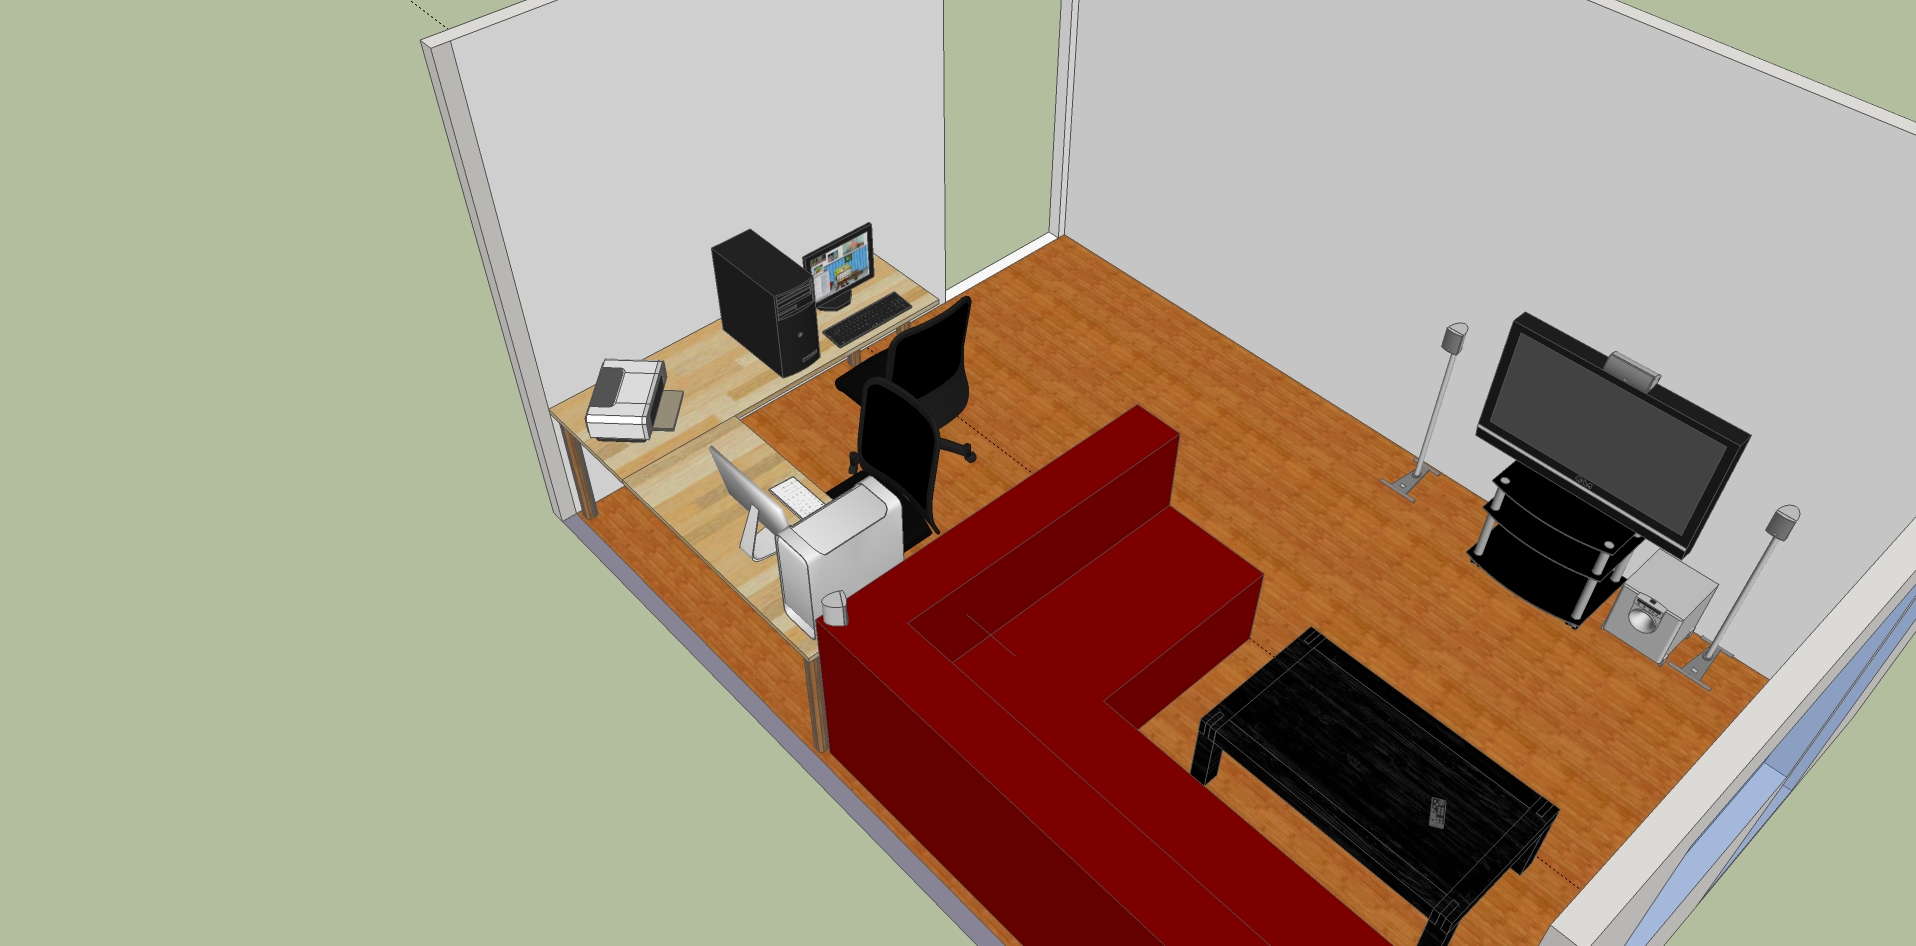 Schreibtisch Im Wohnzimmer | Bnbnews.co, Wohnzimmer